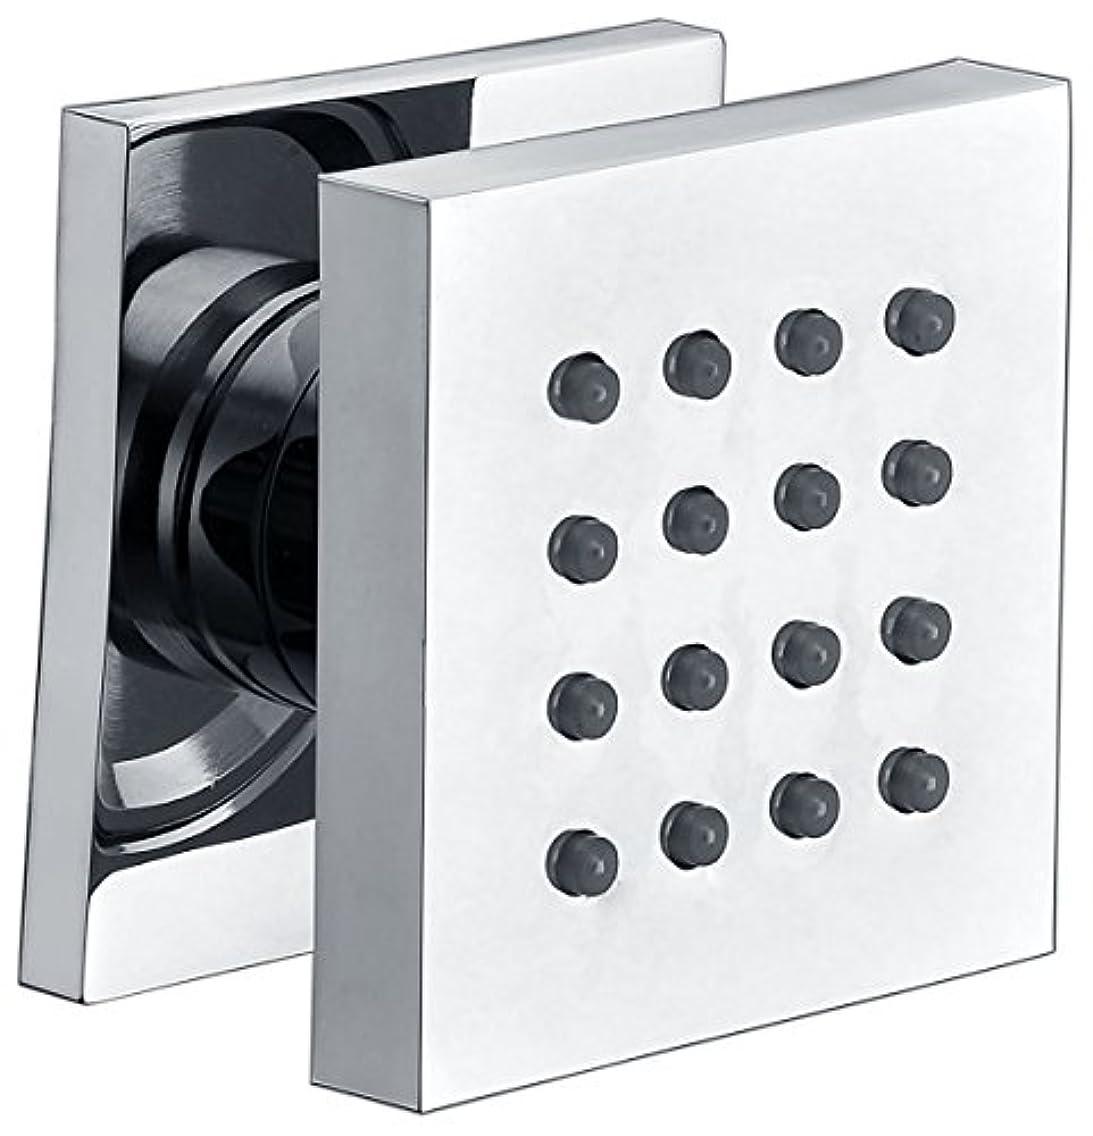 感覚玉ねぎ機械Alfiブランドab4501モダン正方形調整可能シャワーボディスプレー AB4501-PC 1